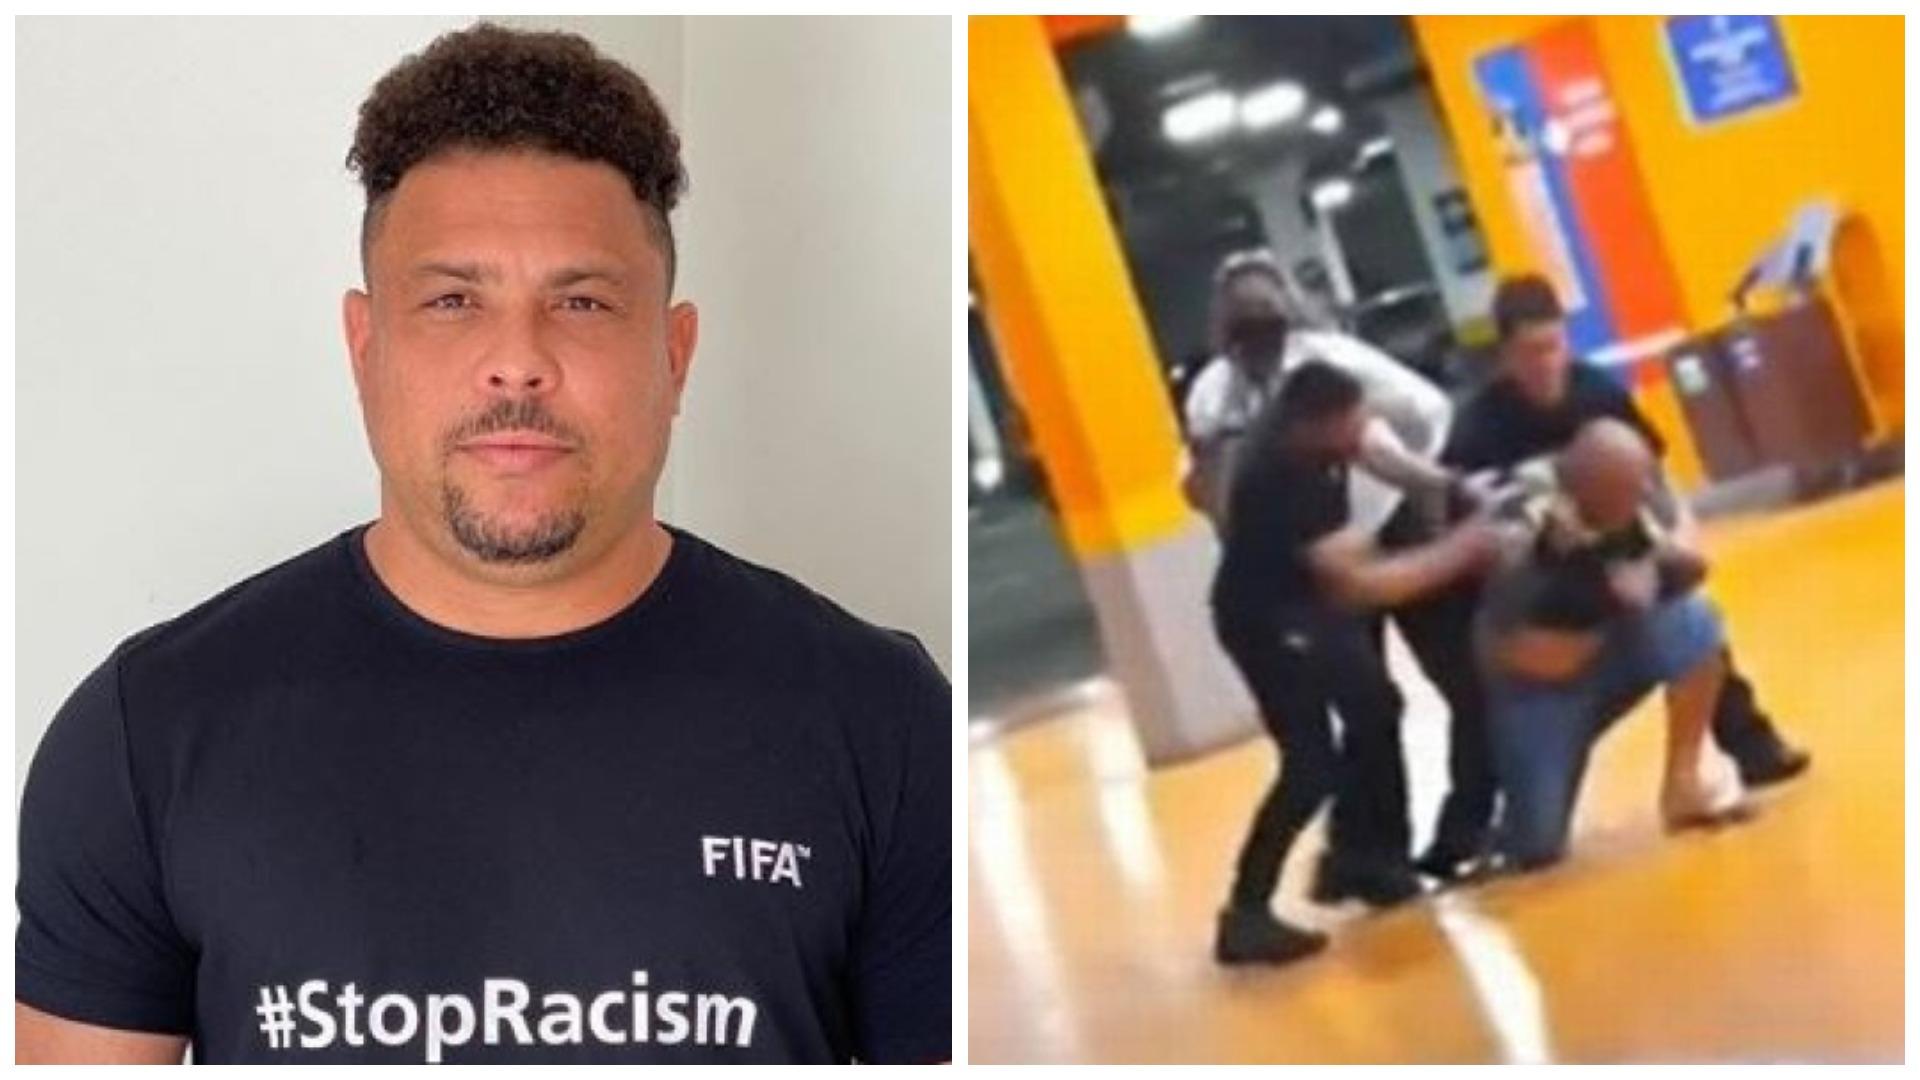 Racizëm në Brazil, reagon ashpër Ronaldo Fenomeni në rrjetet sociale